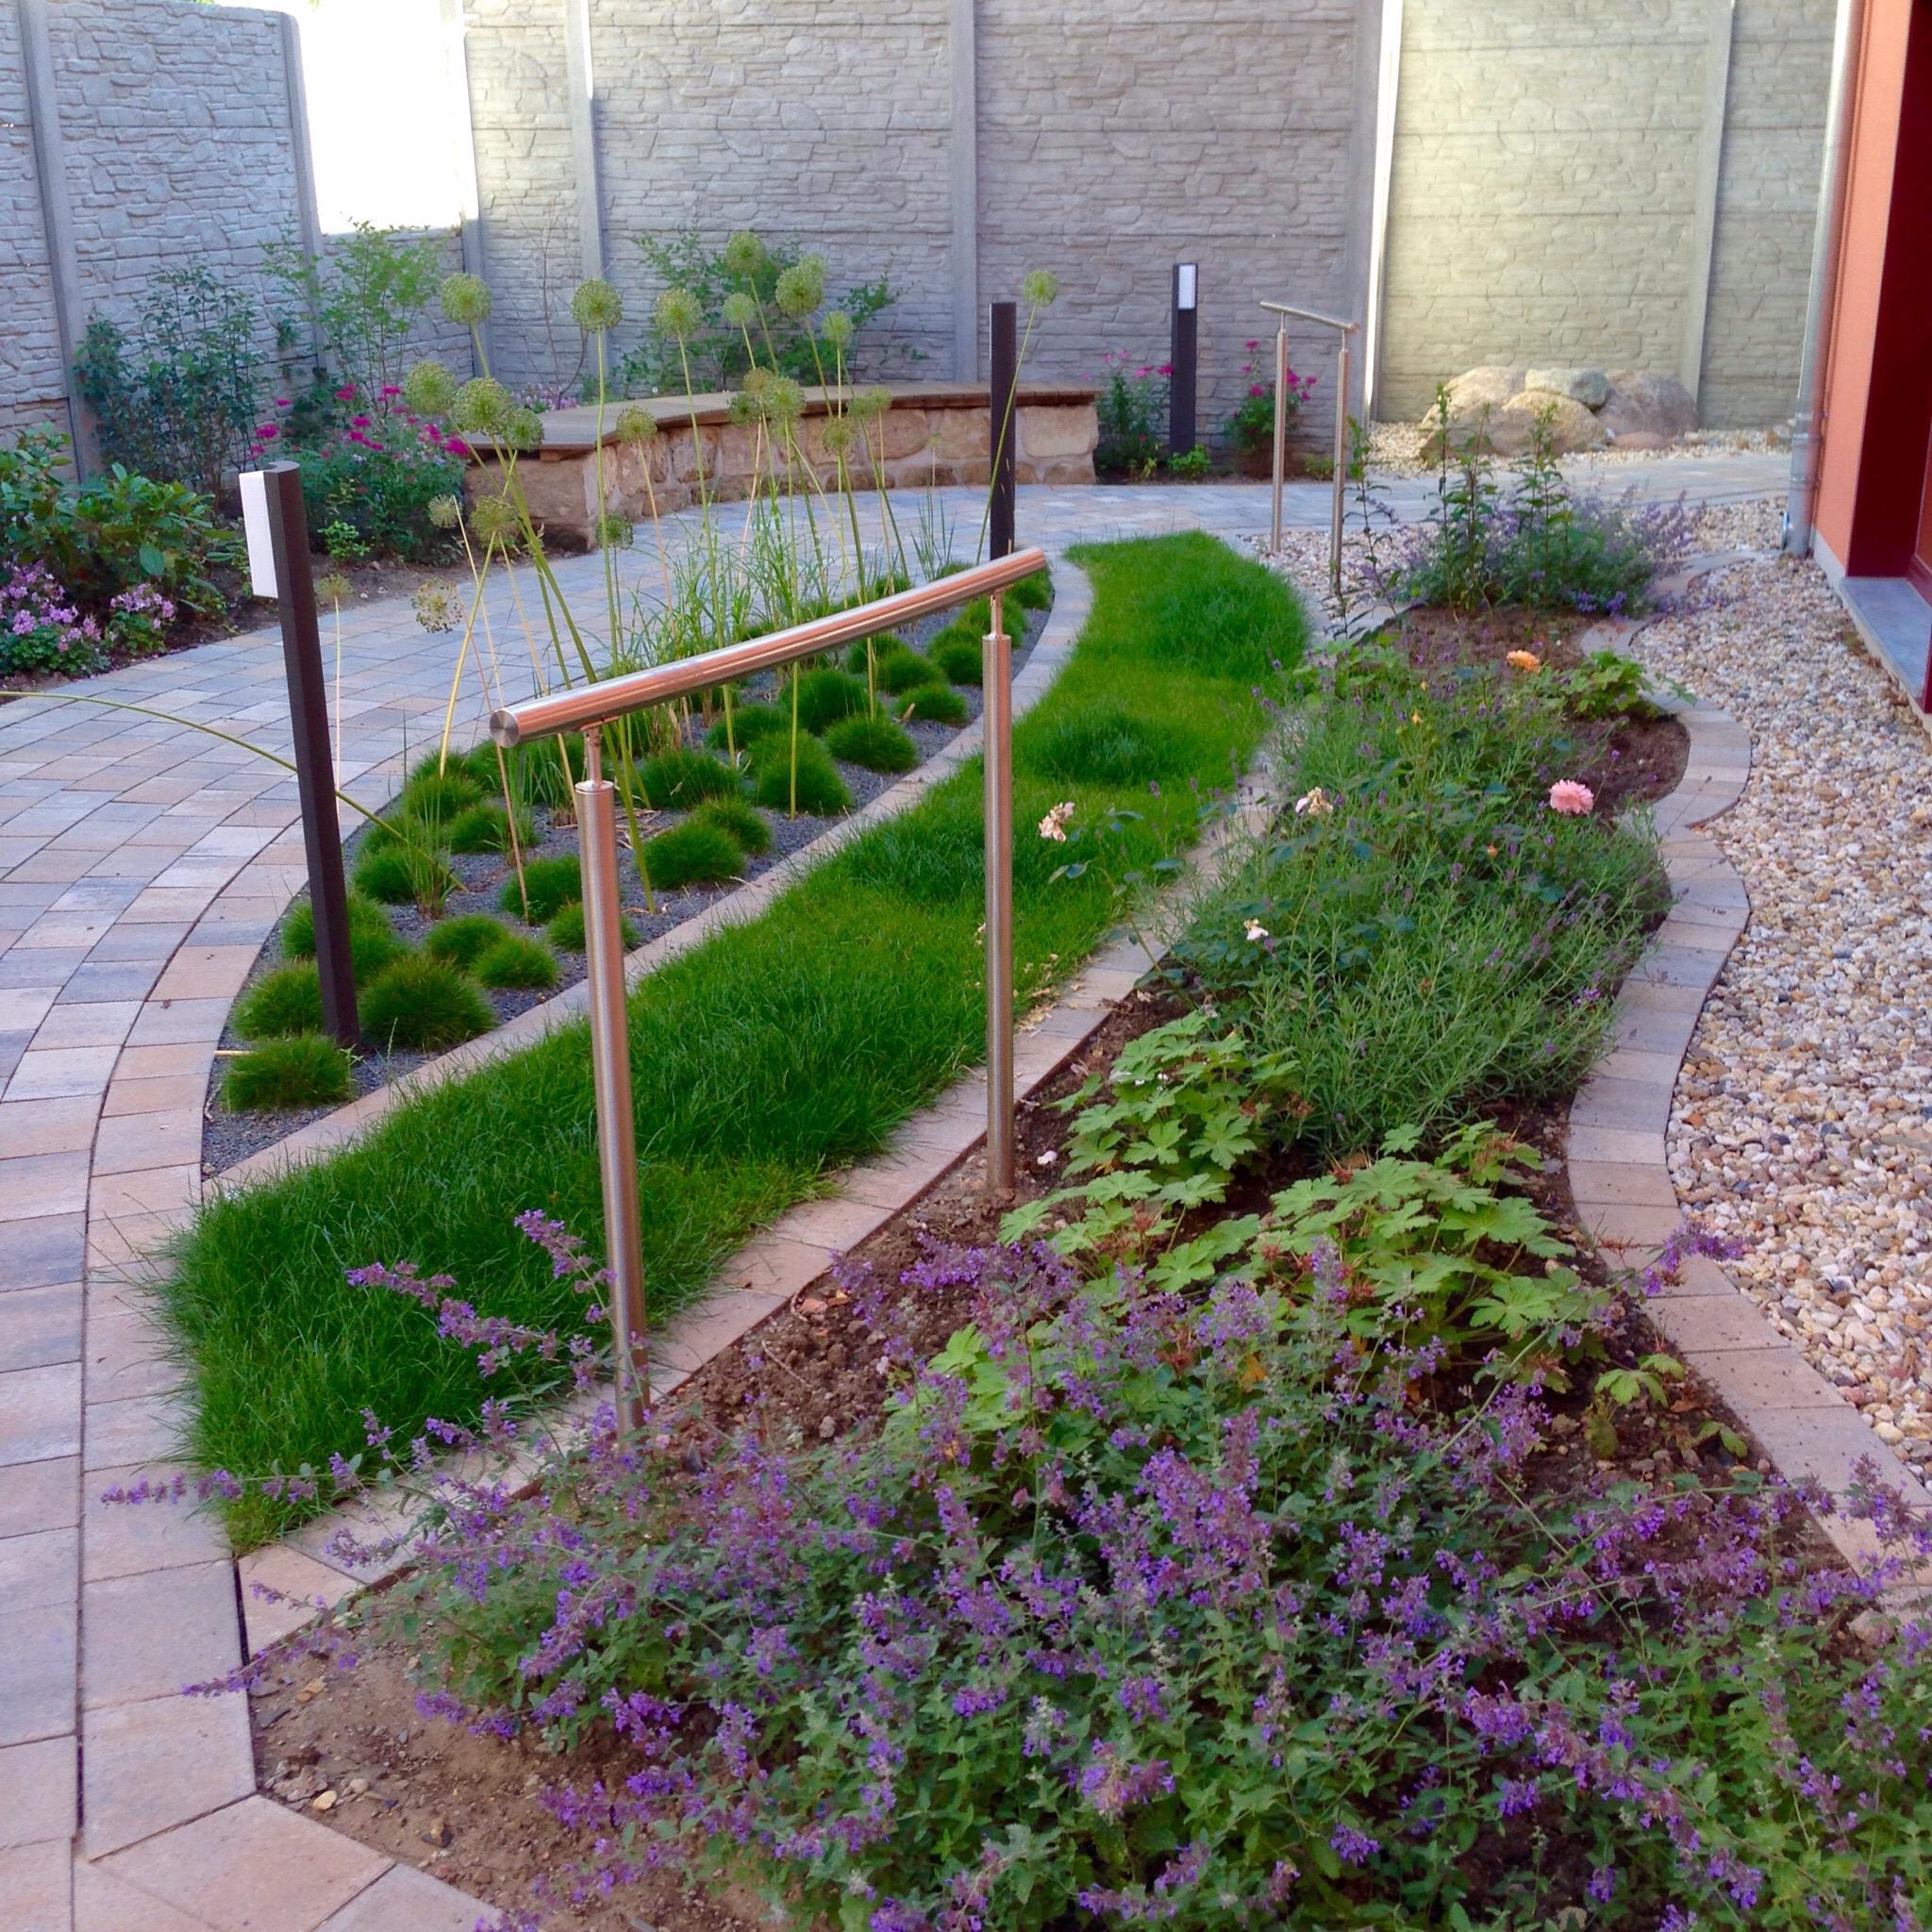 Gartenweg mit versch. Grünflächengestaltungen